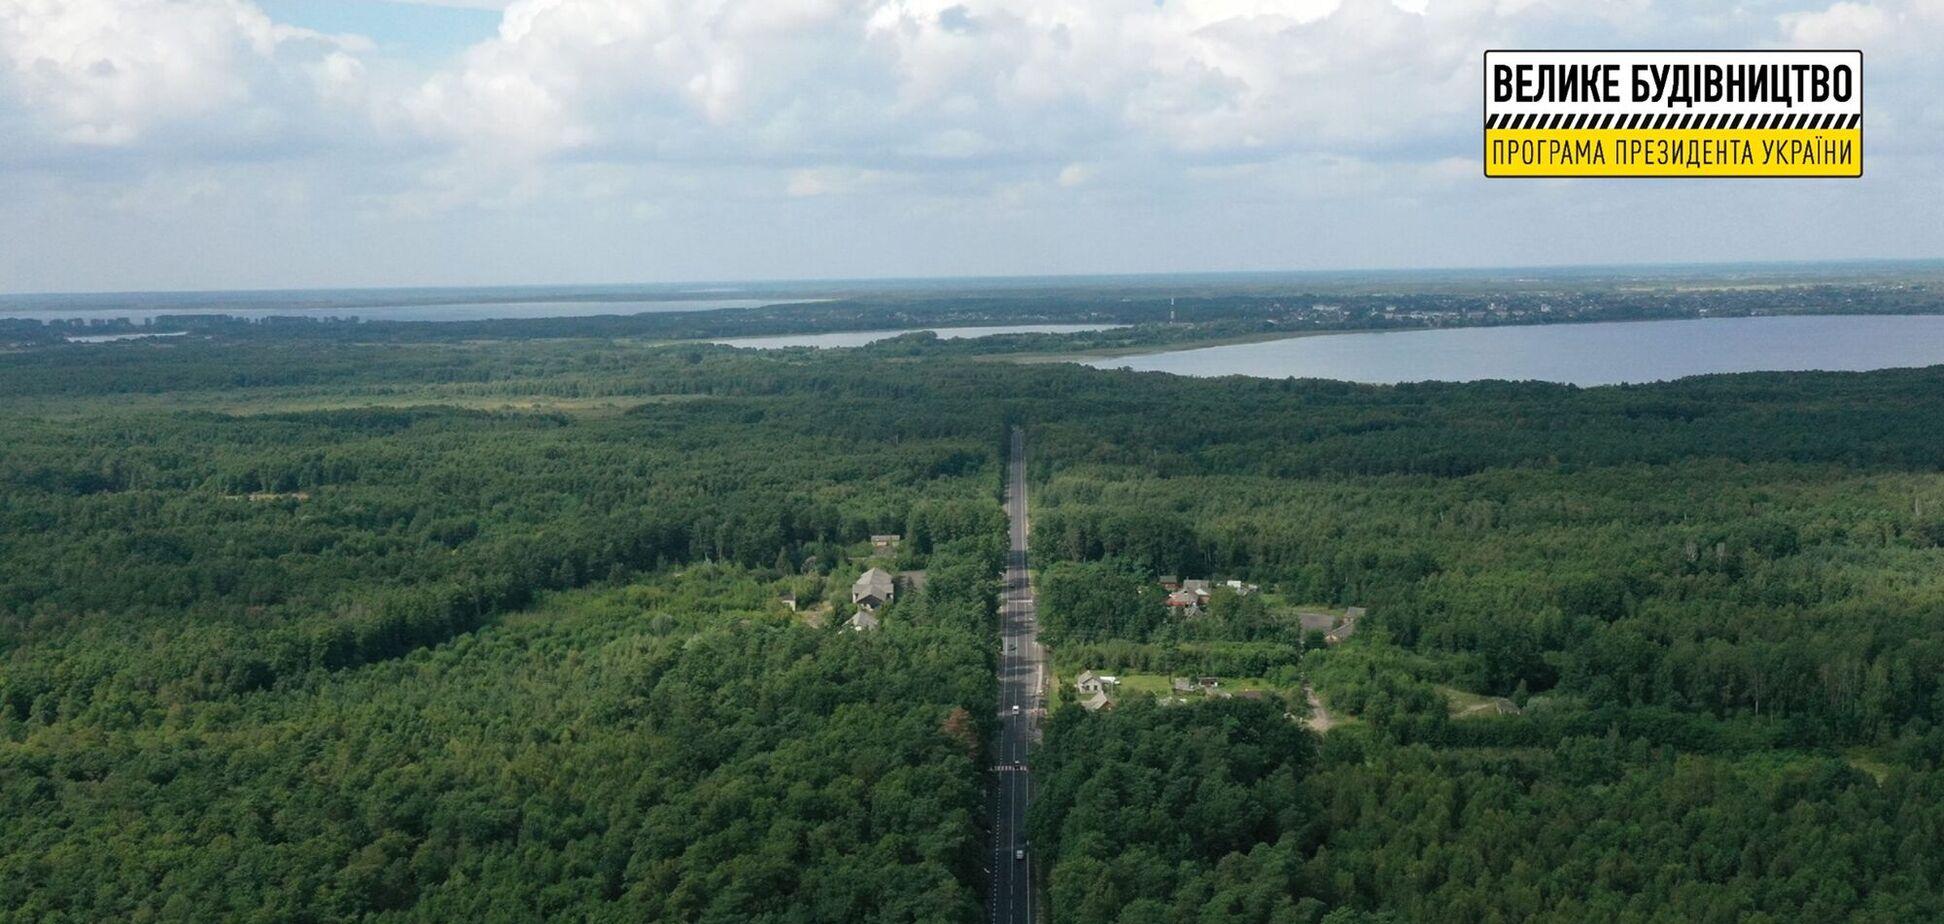 На Волыни в рамках 'Большой стройки' Зеленского обновили дороги к Шацким озерам